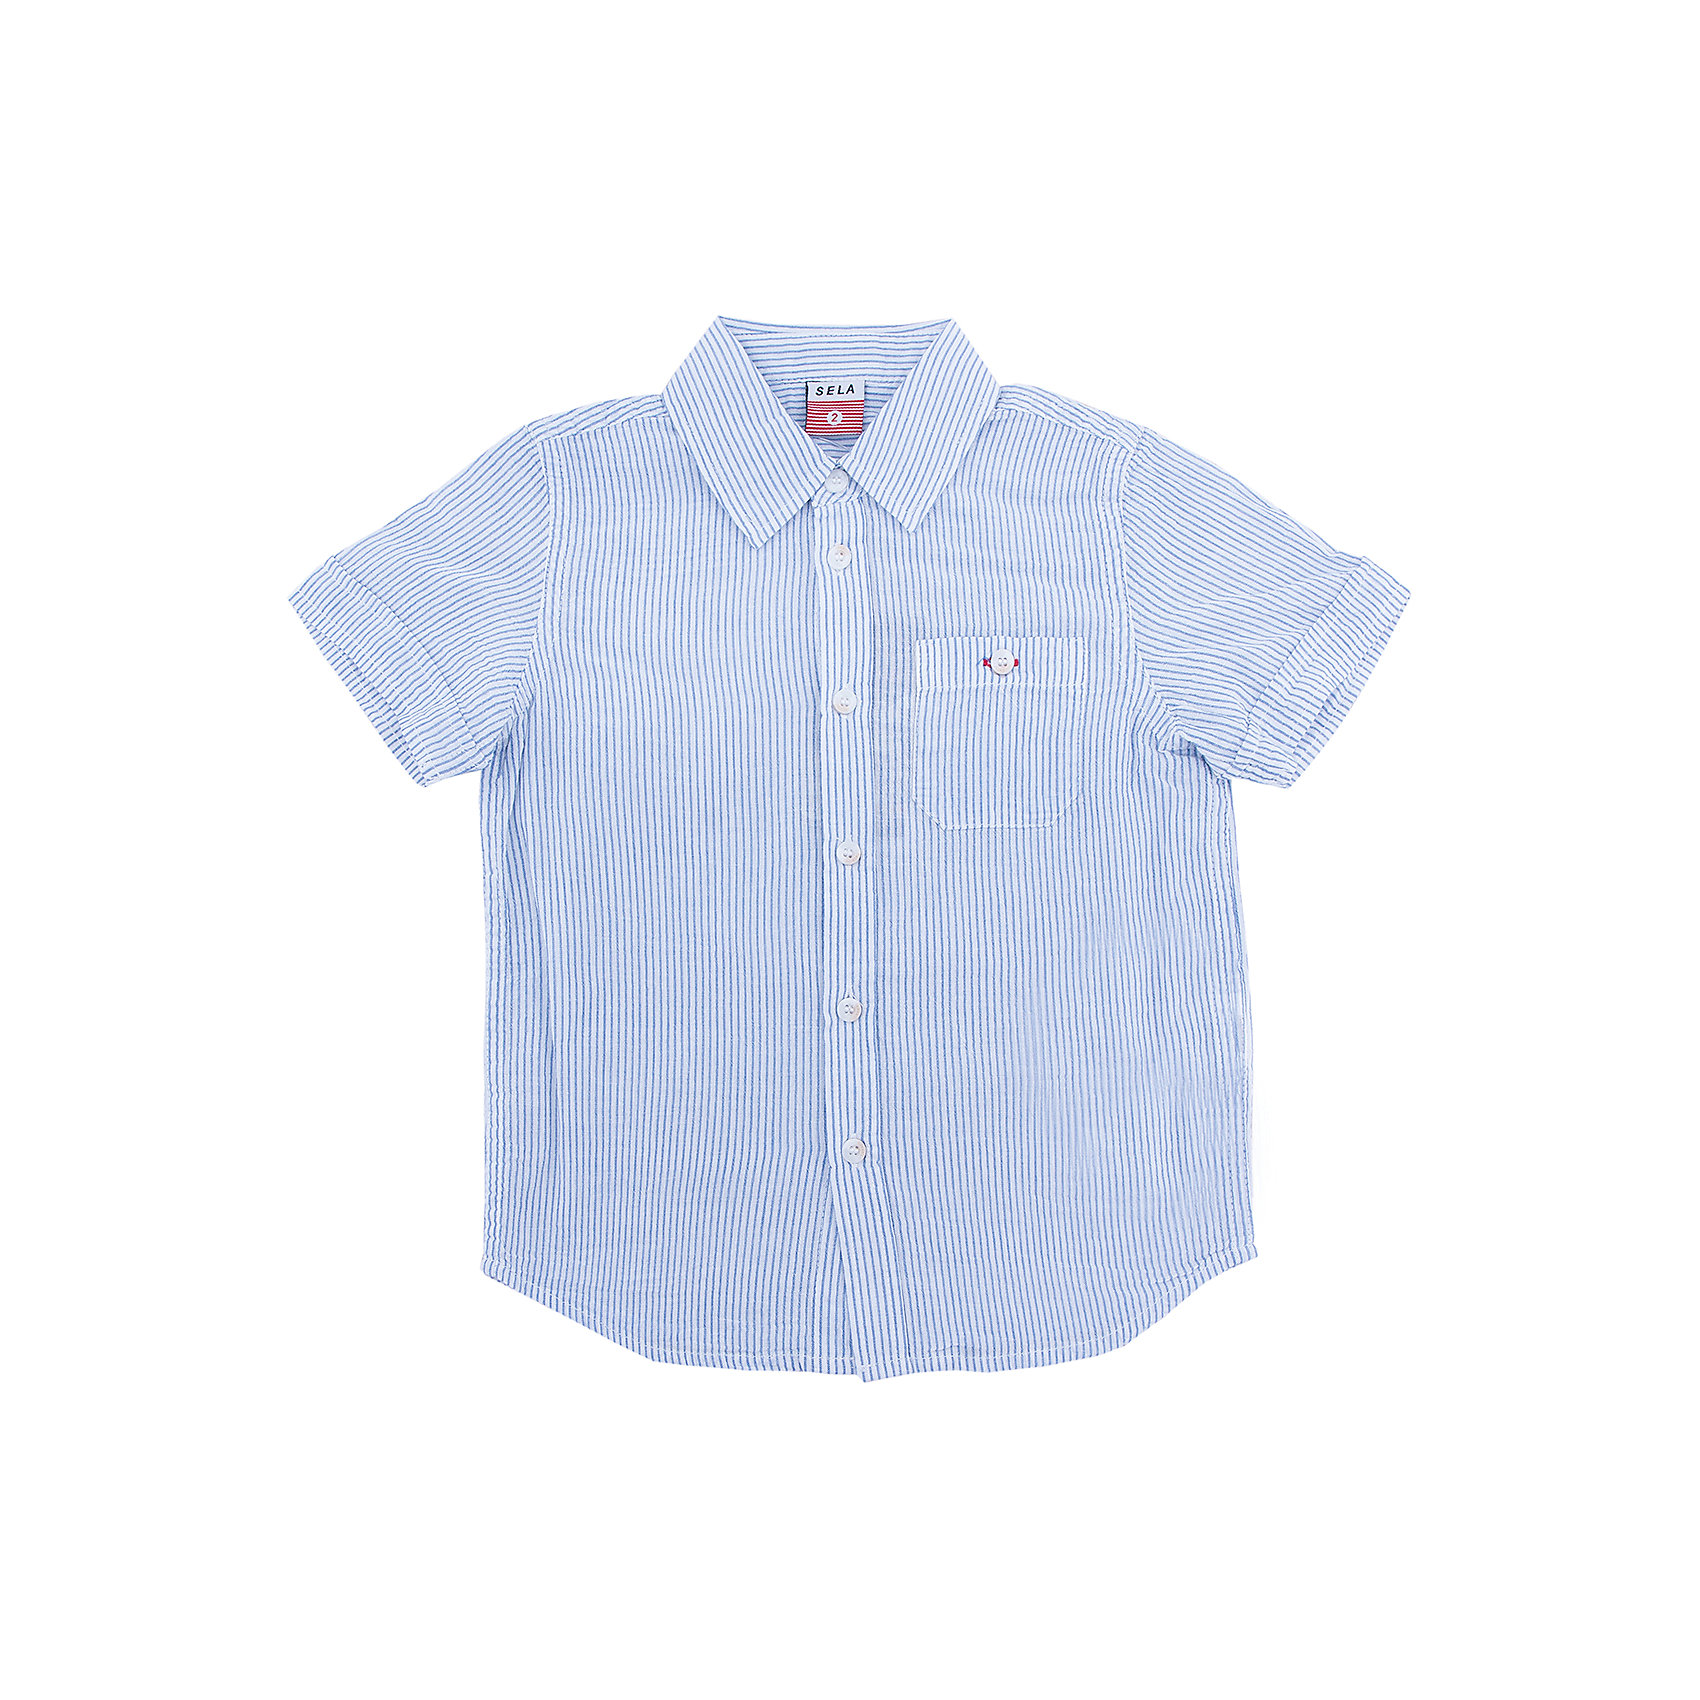 Рубашка для мальчика SELAБлузки и рубашки<br>Рубашка для мальчика от известного бренда SELA<br>Состав:<br>100% хлопок<br><br>Ширина мм: 174<br>Глубина мм: 10<br>Высота мм: 169<br>Вес г: 157<br>Цвет: белый<br>Возраст от месяцев: 60<br>Возраст до месяцев: 72<br>Пол: Мужской<br>Возраст: Детский<br>Размер: 116,92,98,104,110<br>SKU: 5305556